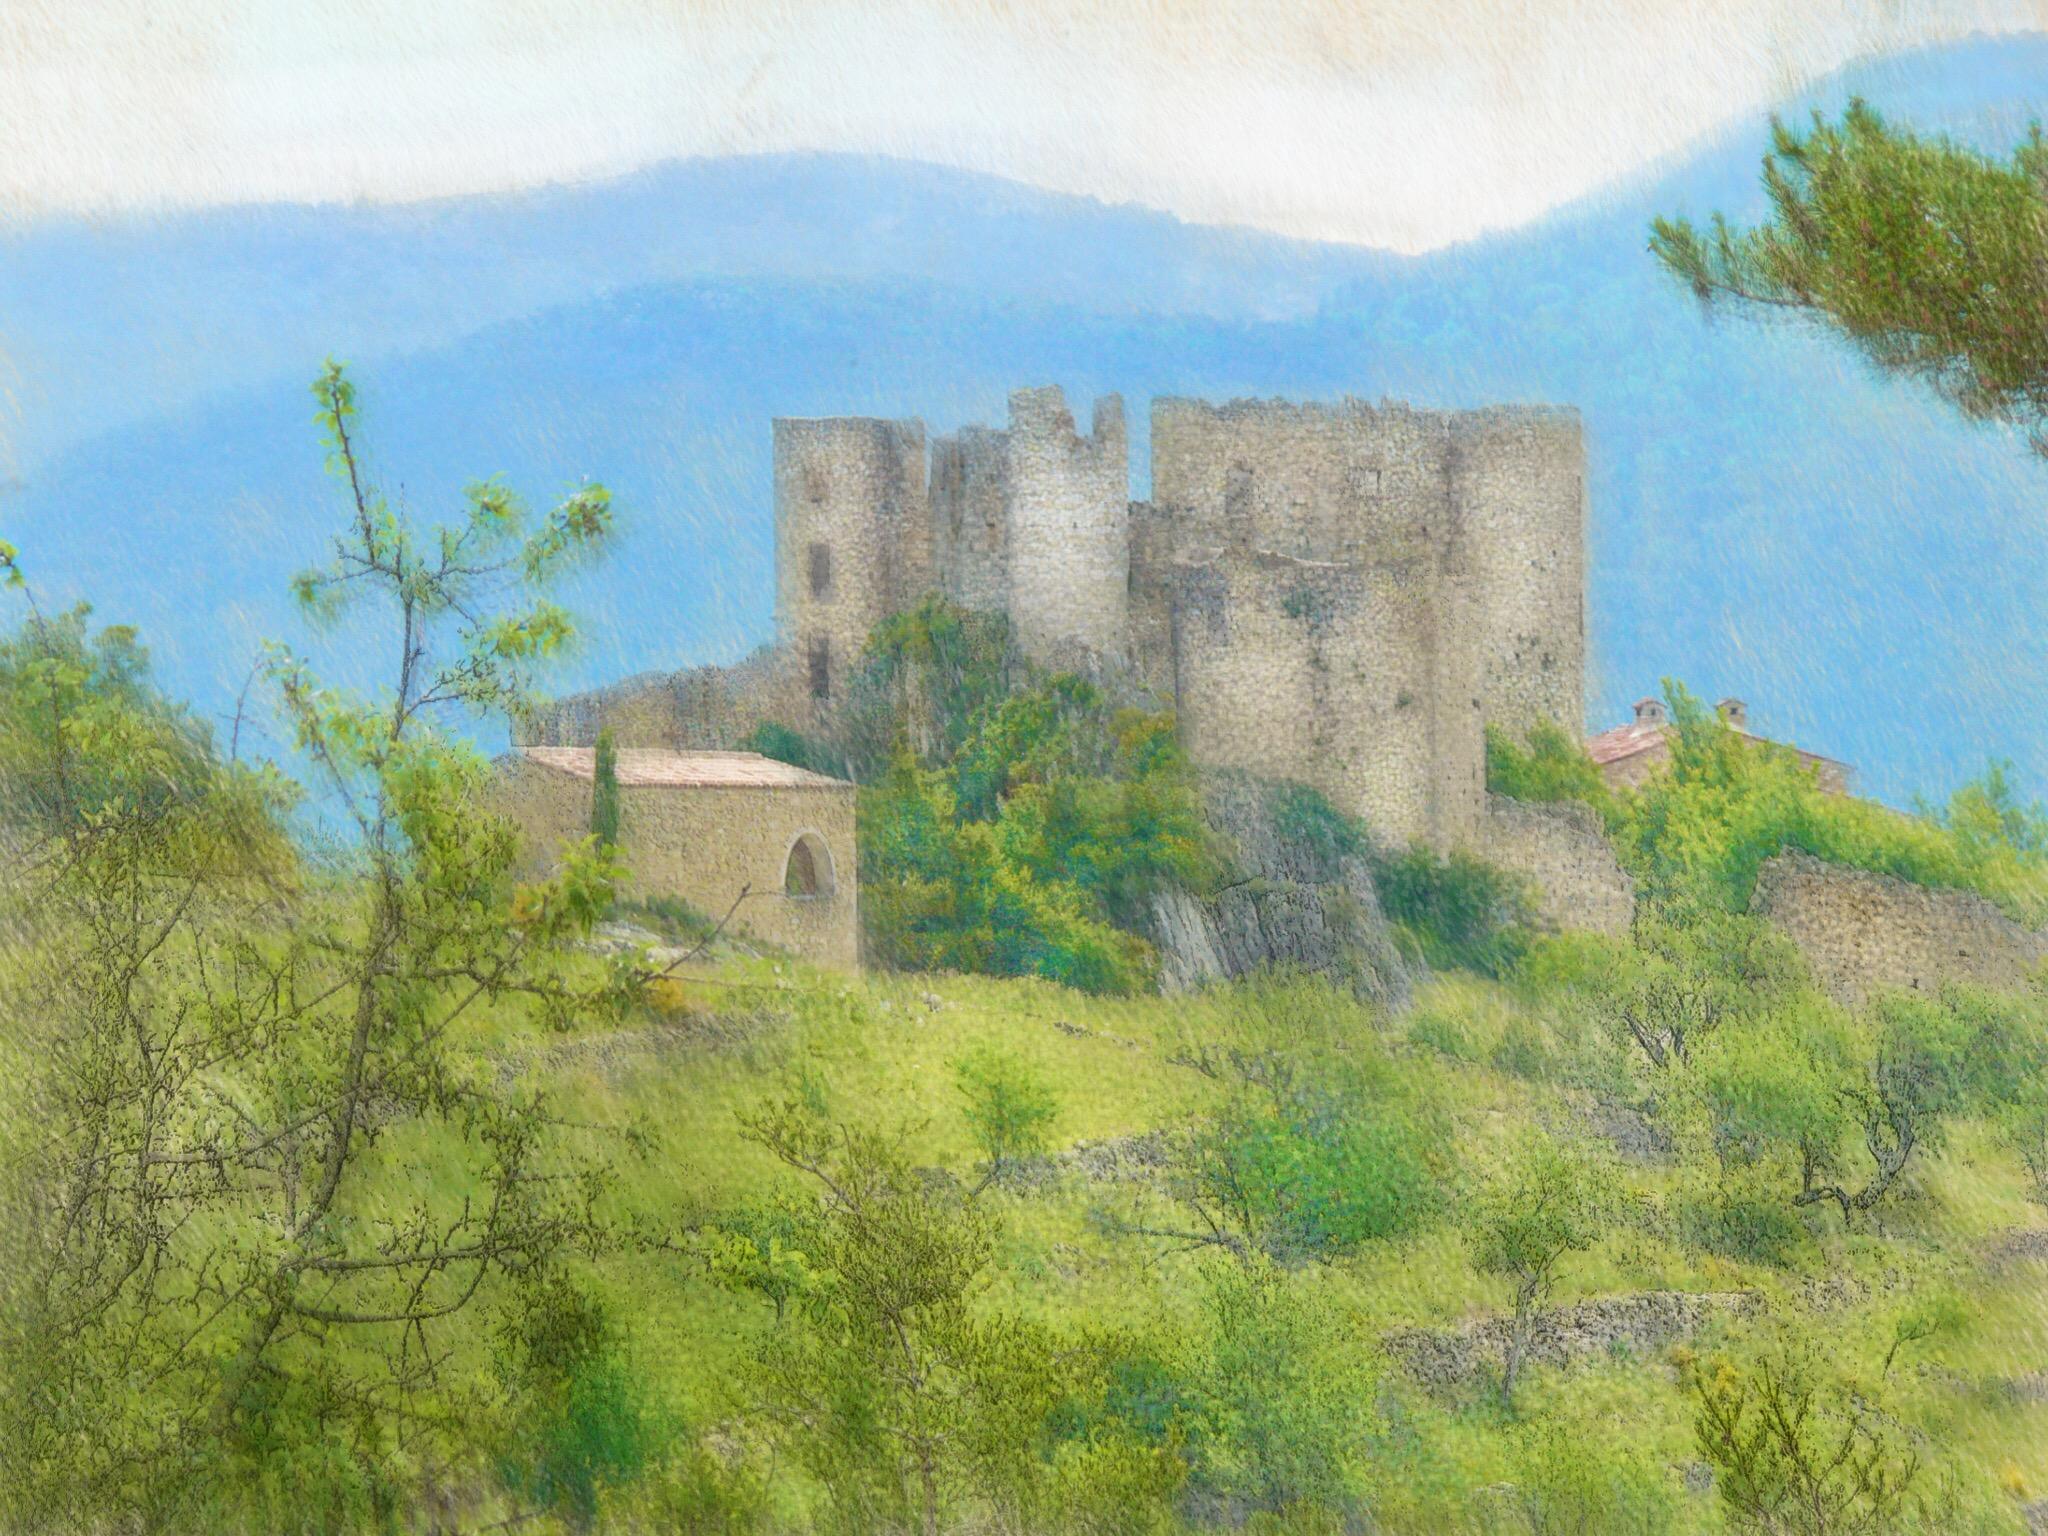 Landschaftsmalerei impressionismus  Hintergrundbilder : Landschaft, Malerei, Alt, Gebäude, Gras, Himmel ...